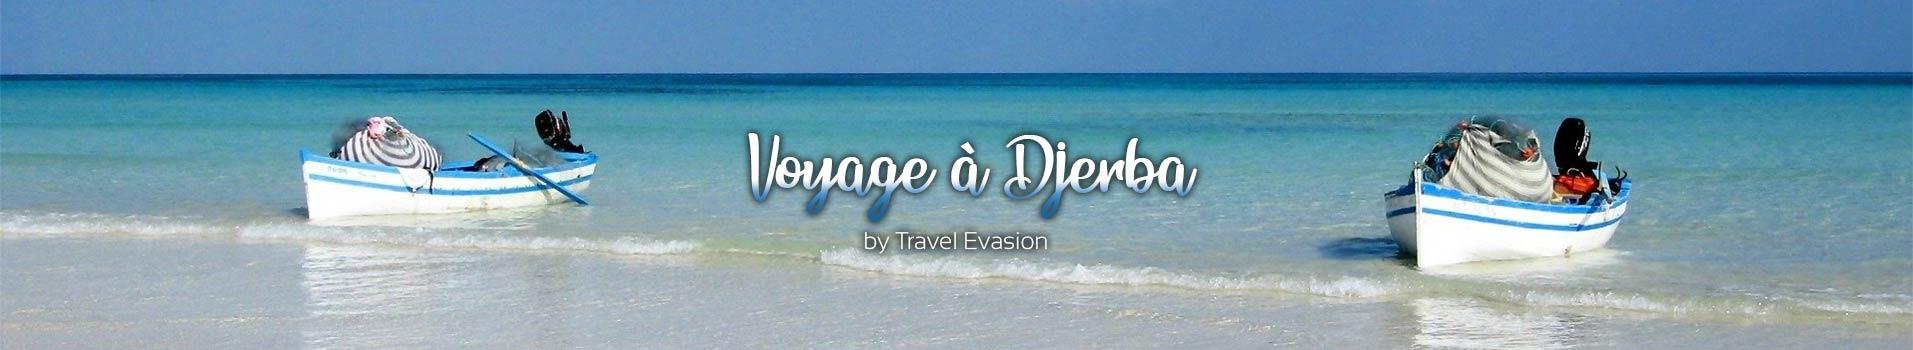 Séjourà Djerba pas cher, un voyageen Tunisieinoubliable